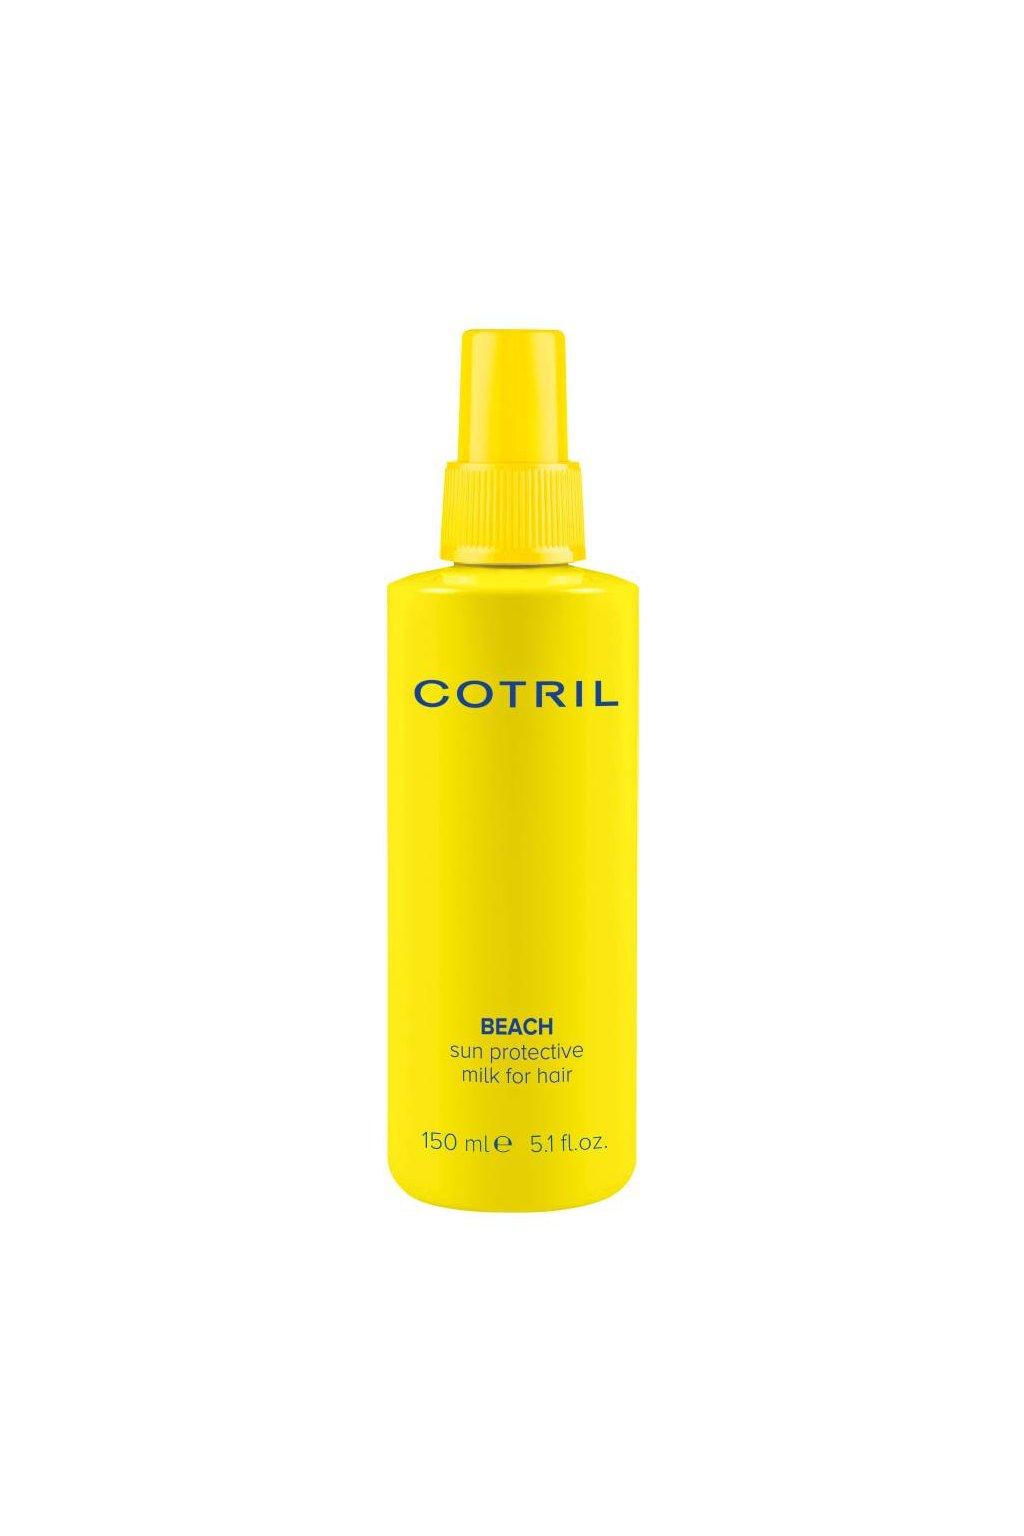 Cotril BEACH Mléko ve spreji na vlasy, ochrana a hydratace, SPF 10, 150ml